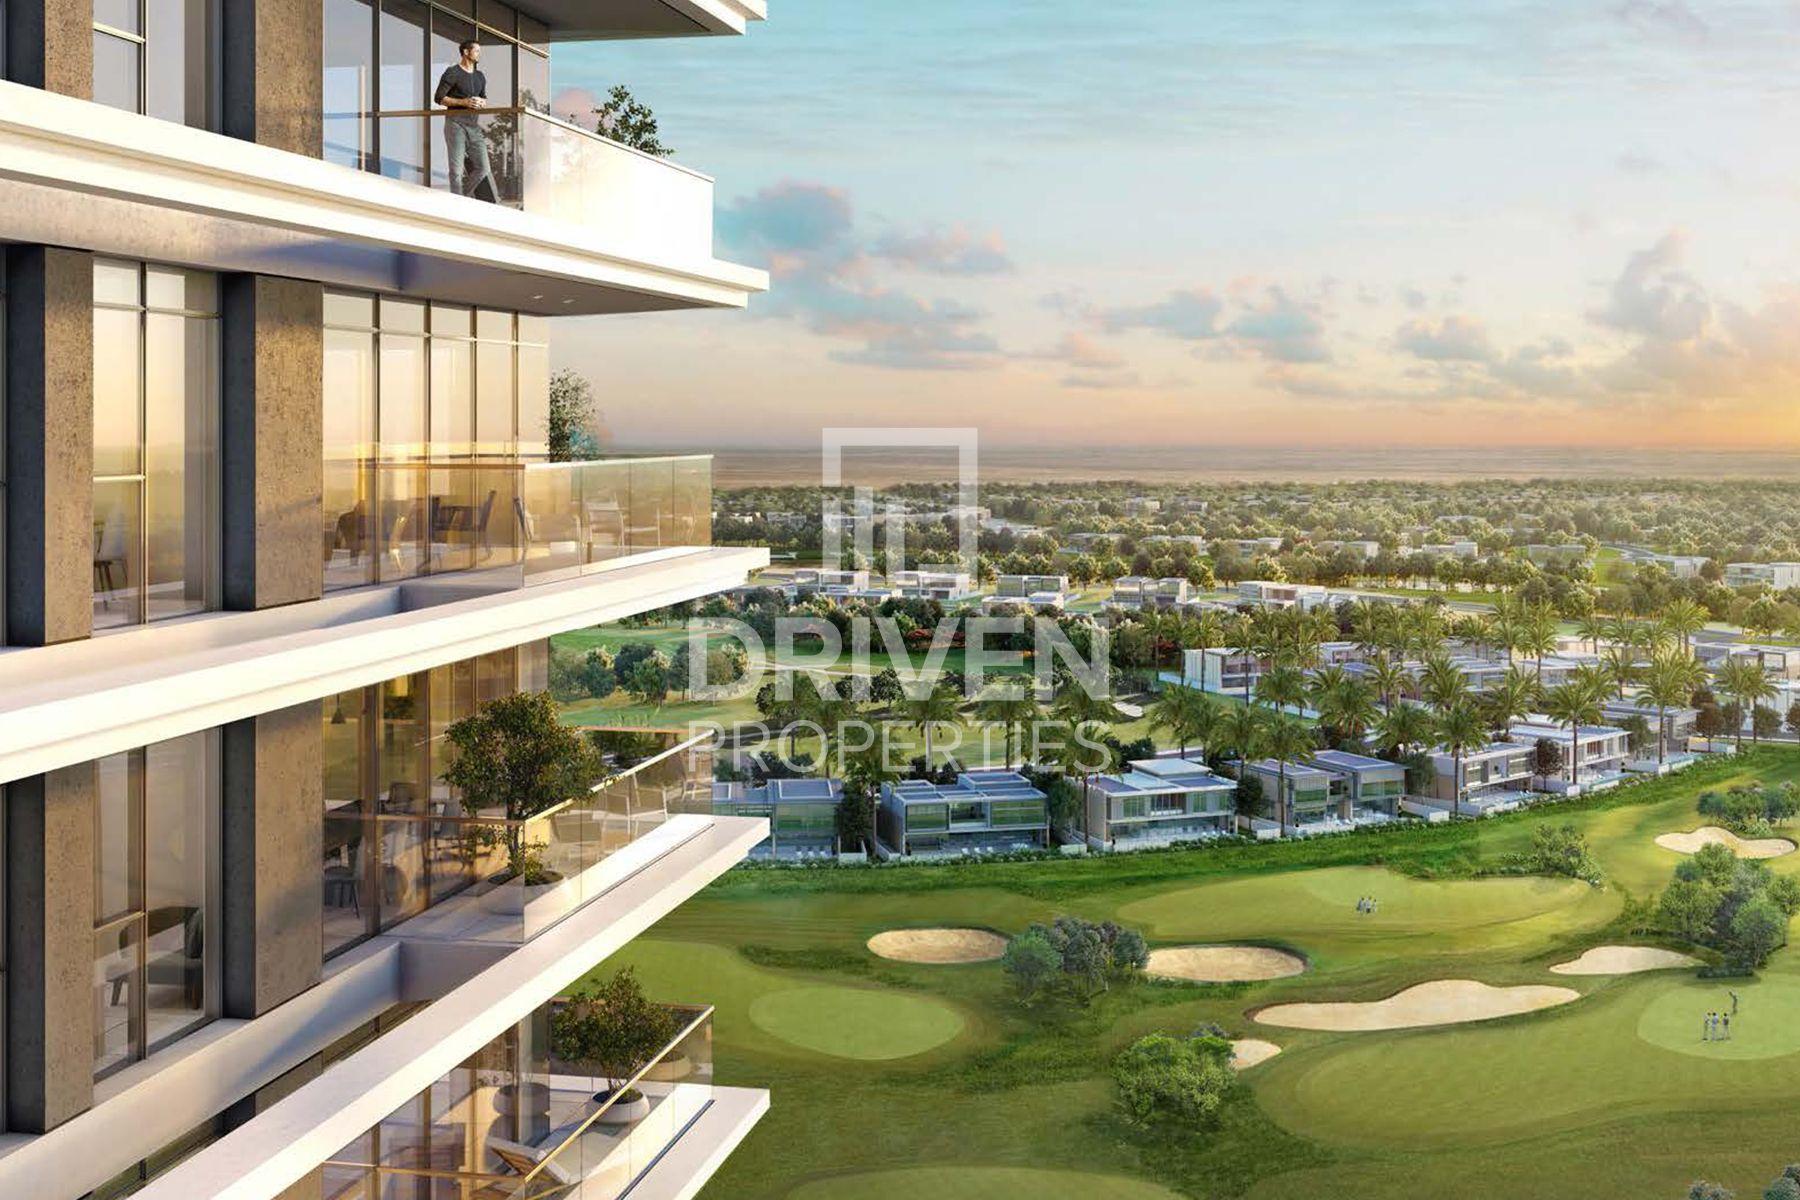 715 قدم مربع  شقة - للبيع - دبي هيلز استيت